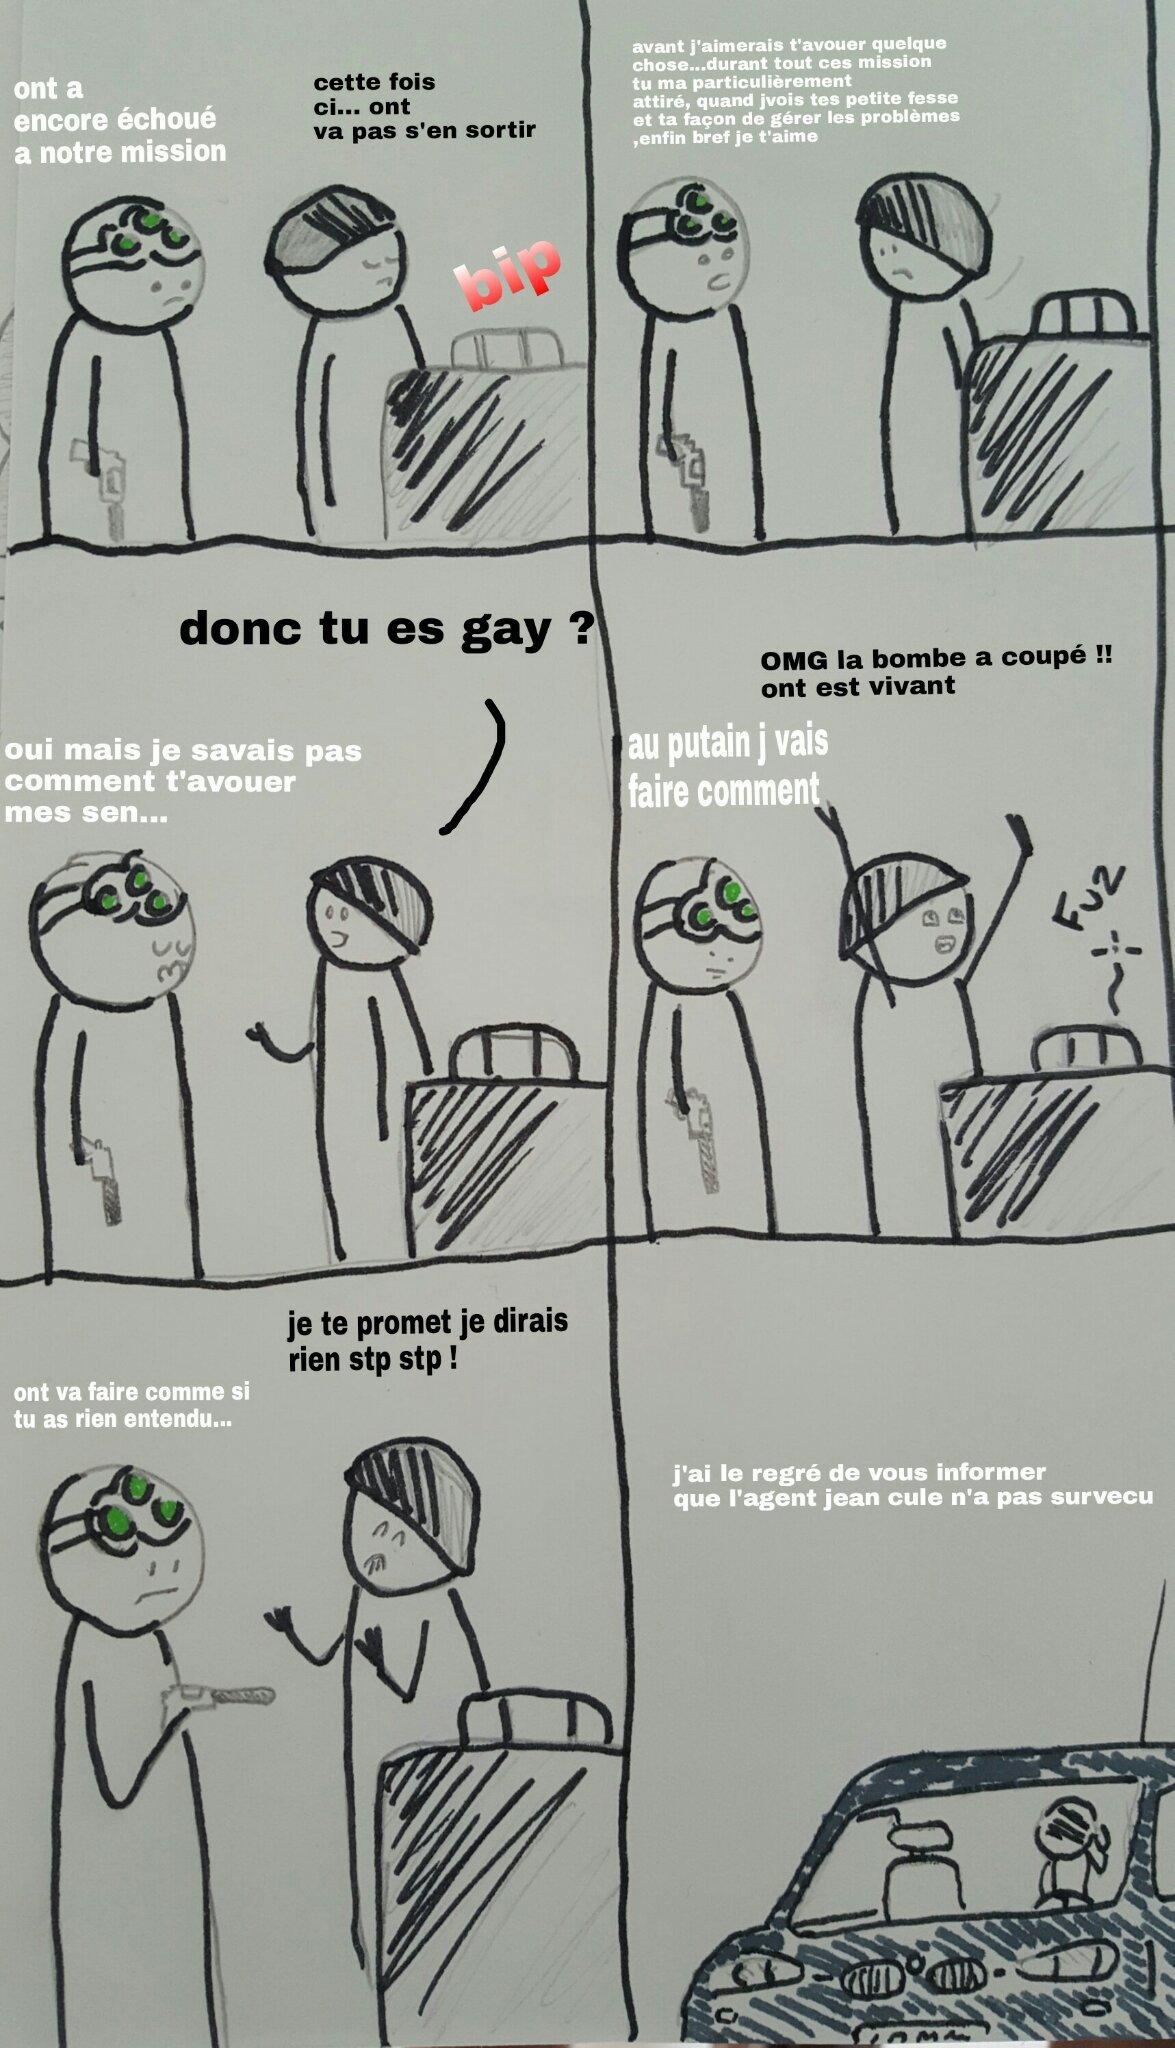 AAAH GAY - meme